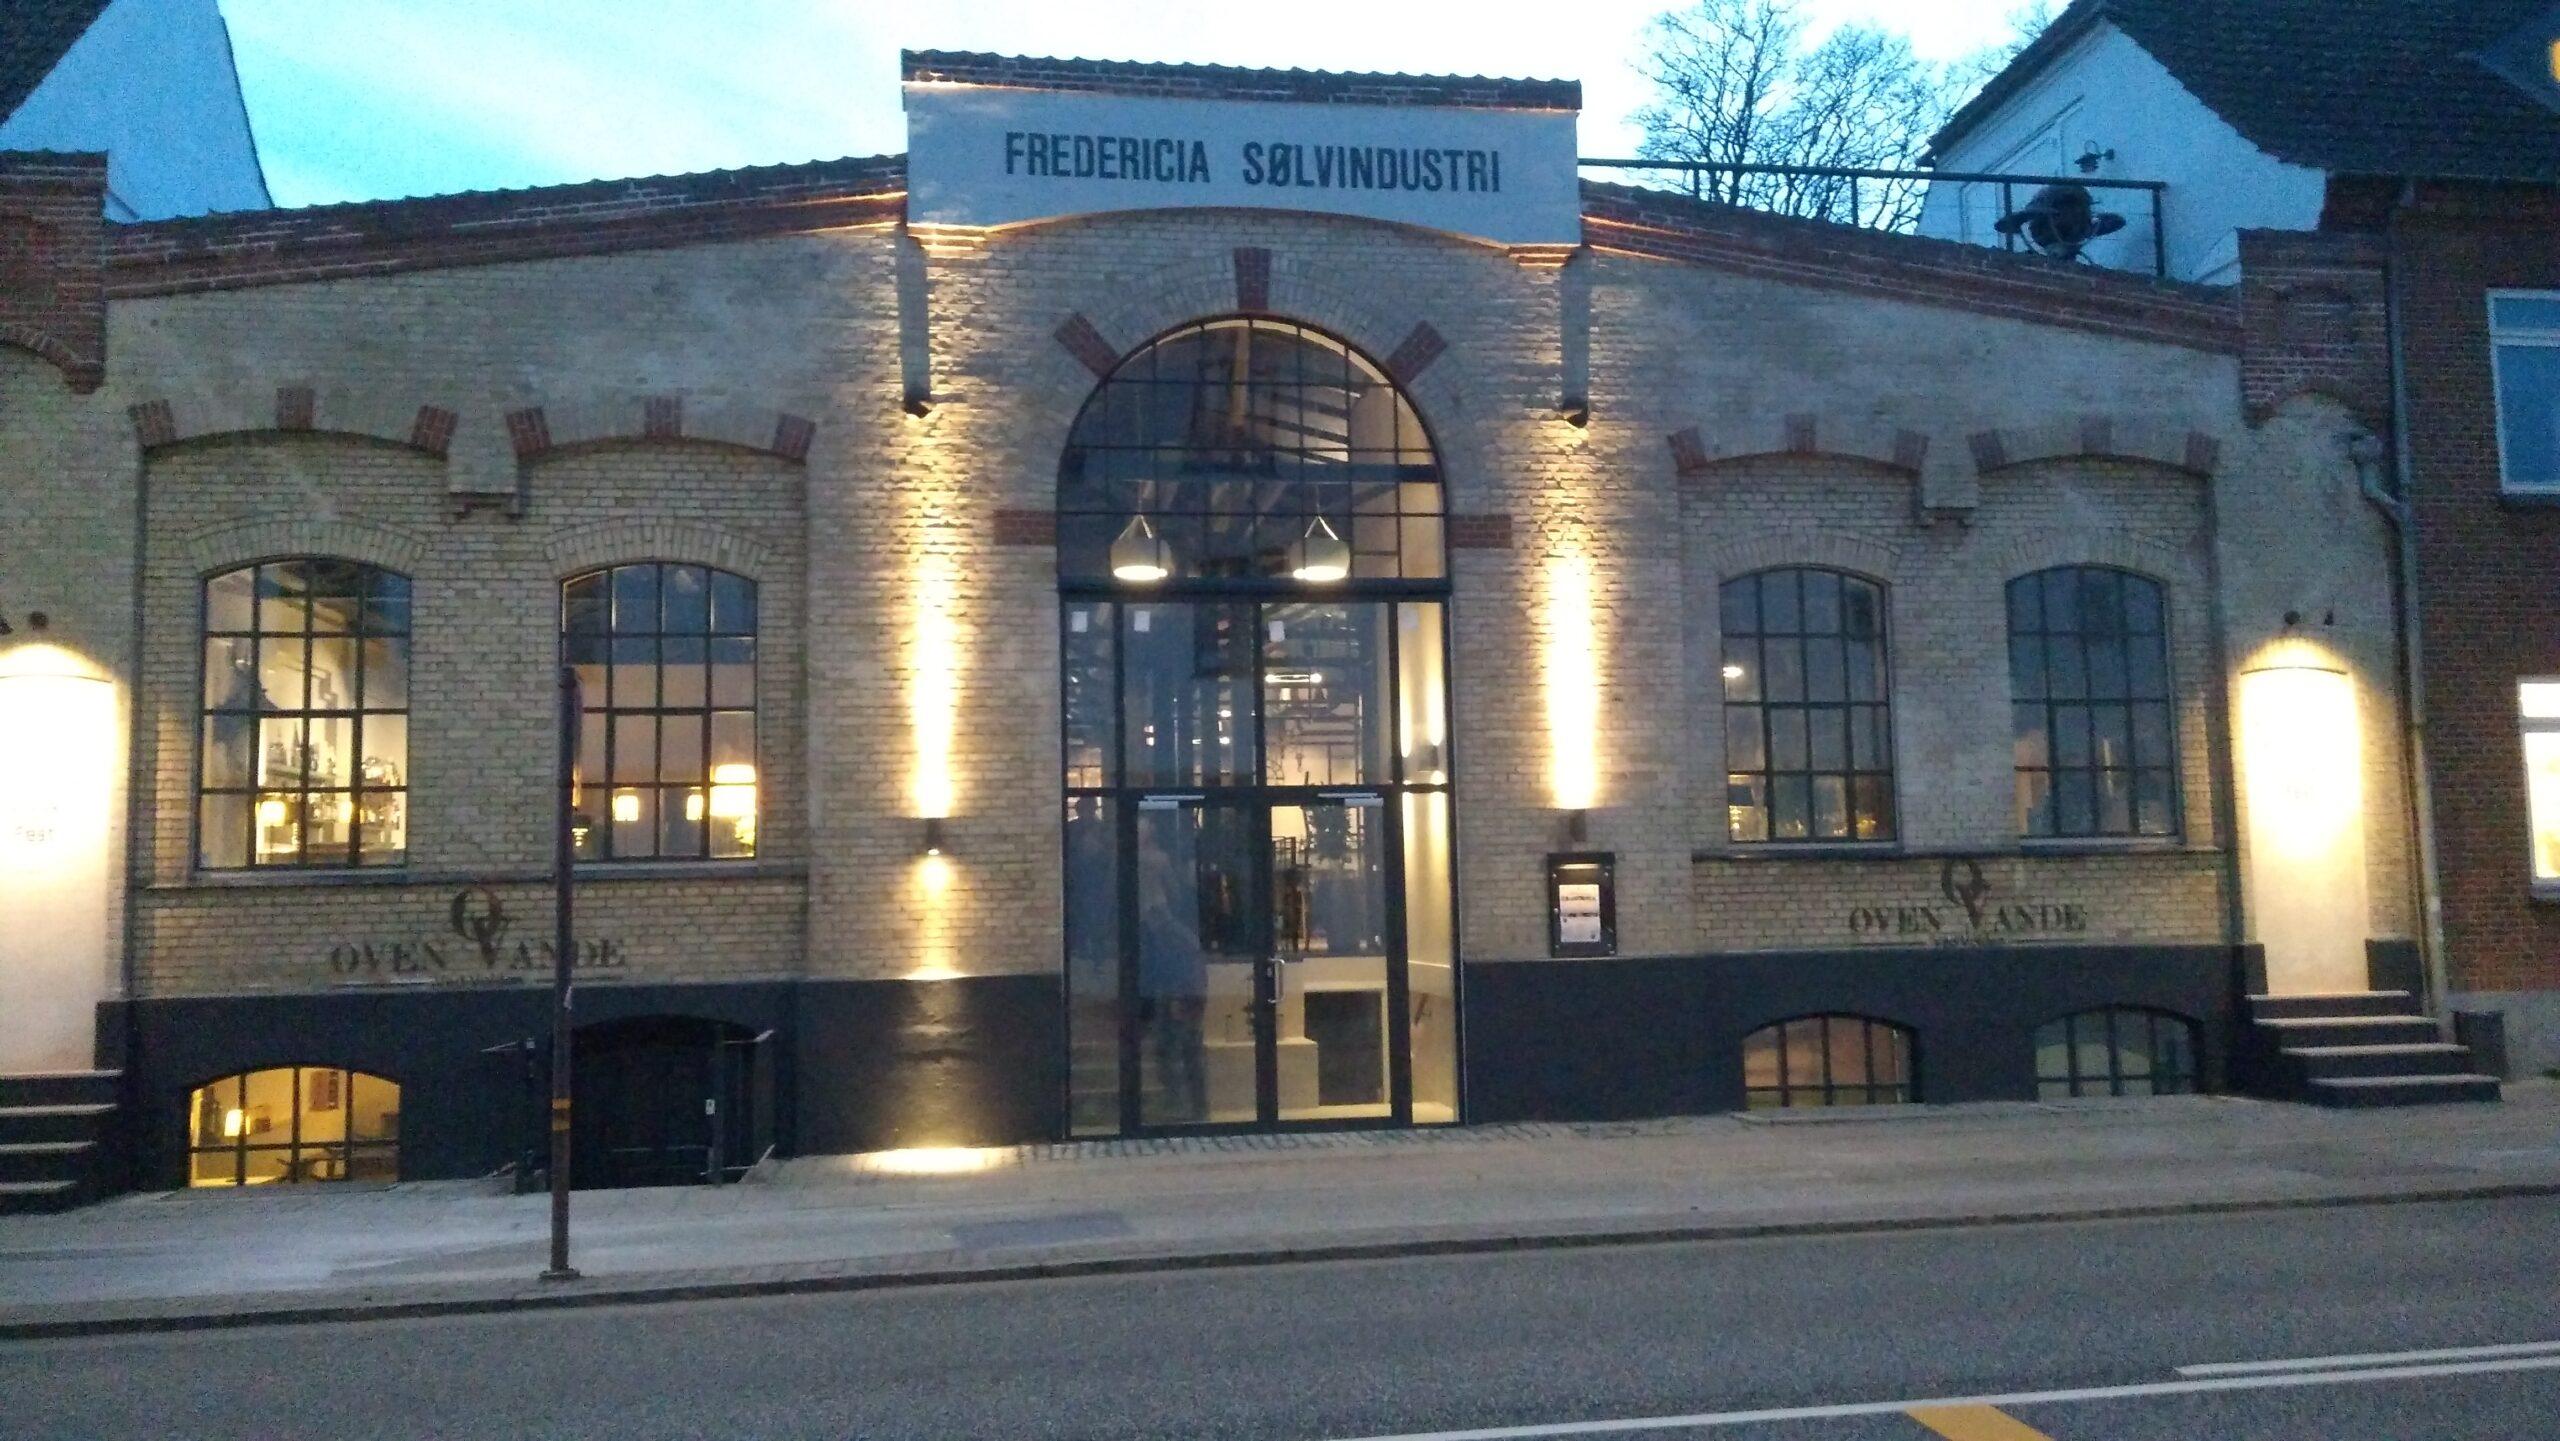 Fredericia hyldede arkitekturen